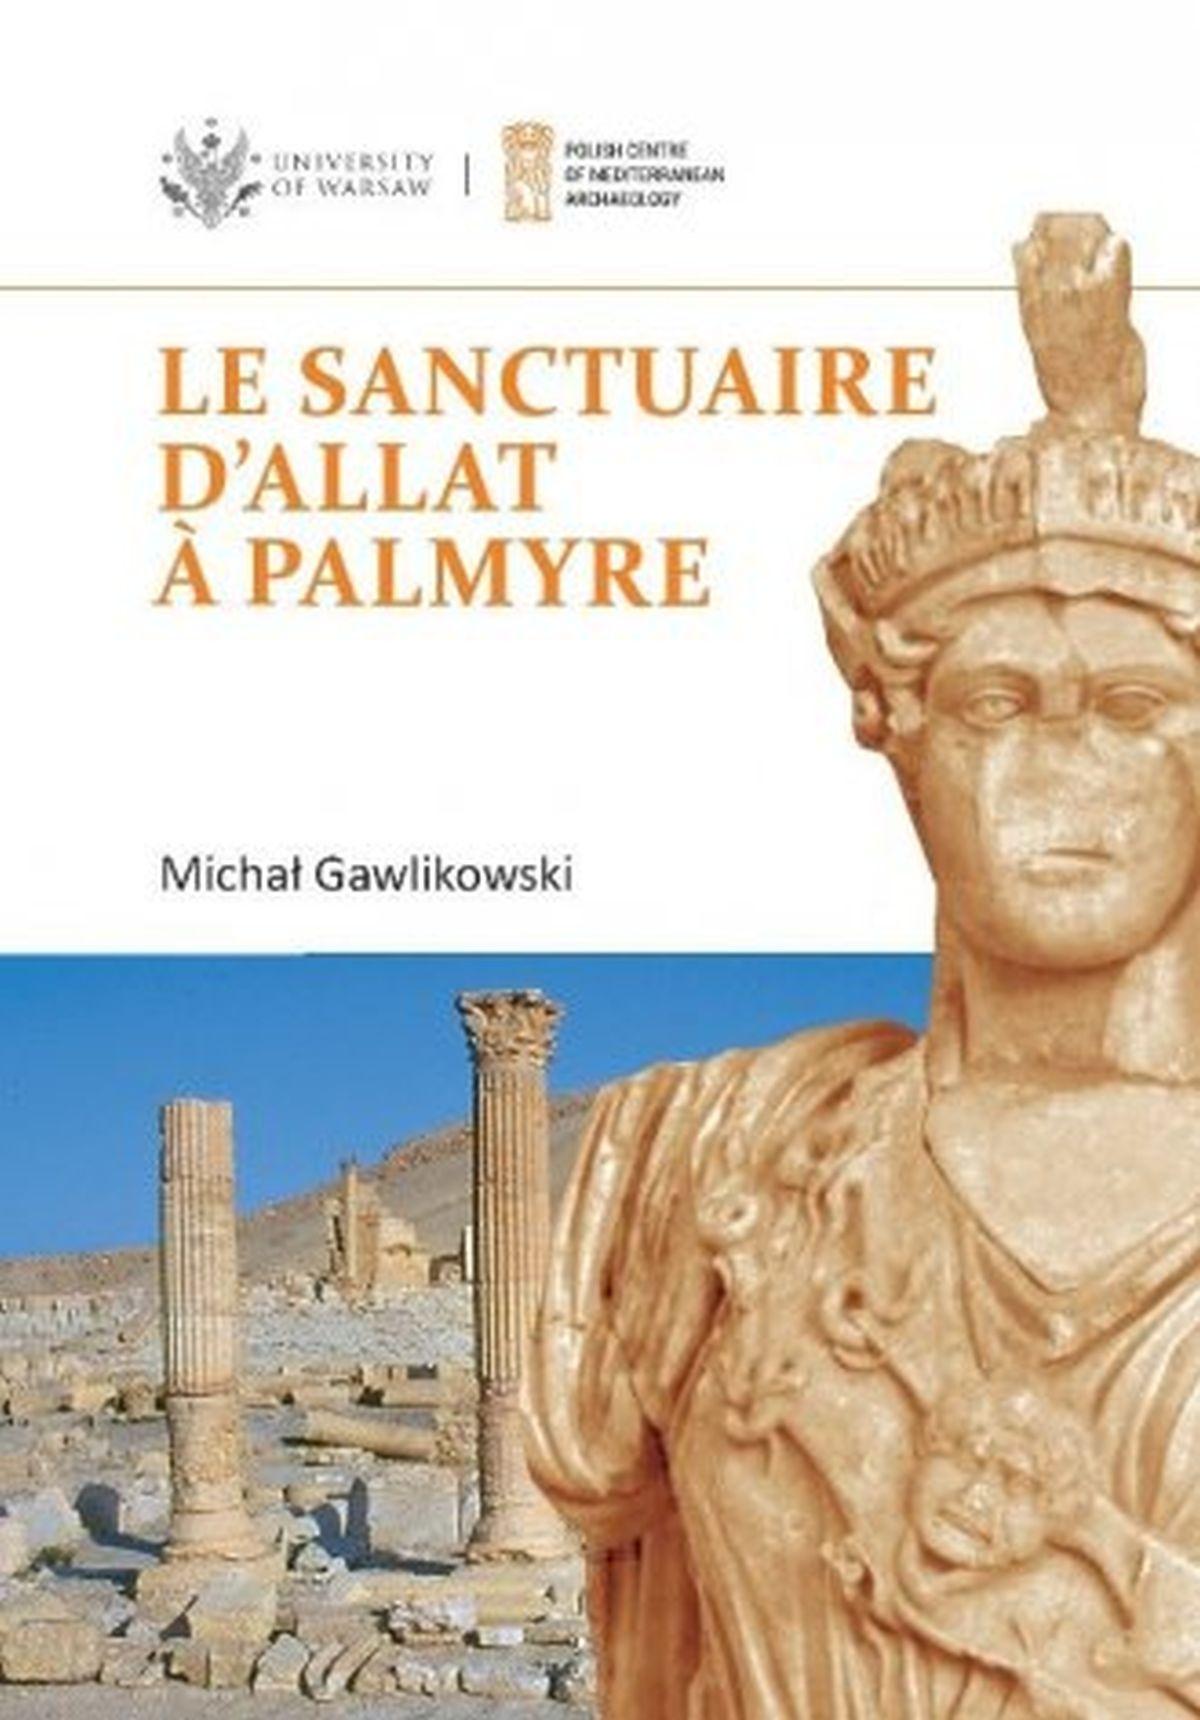 Le sanctuaire dAllat - Palmyre PAM Monograph Series 8